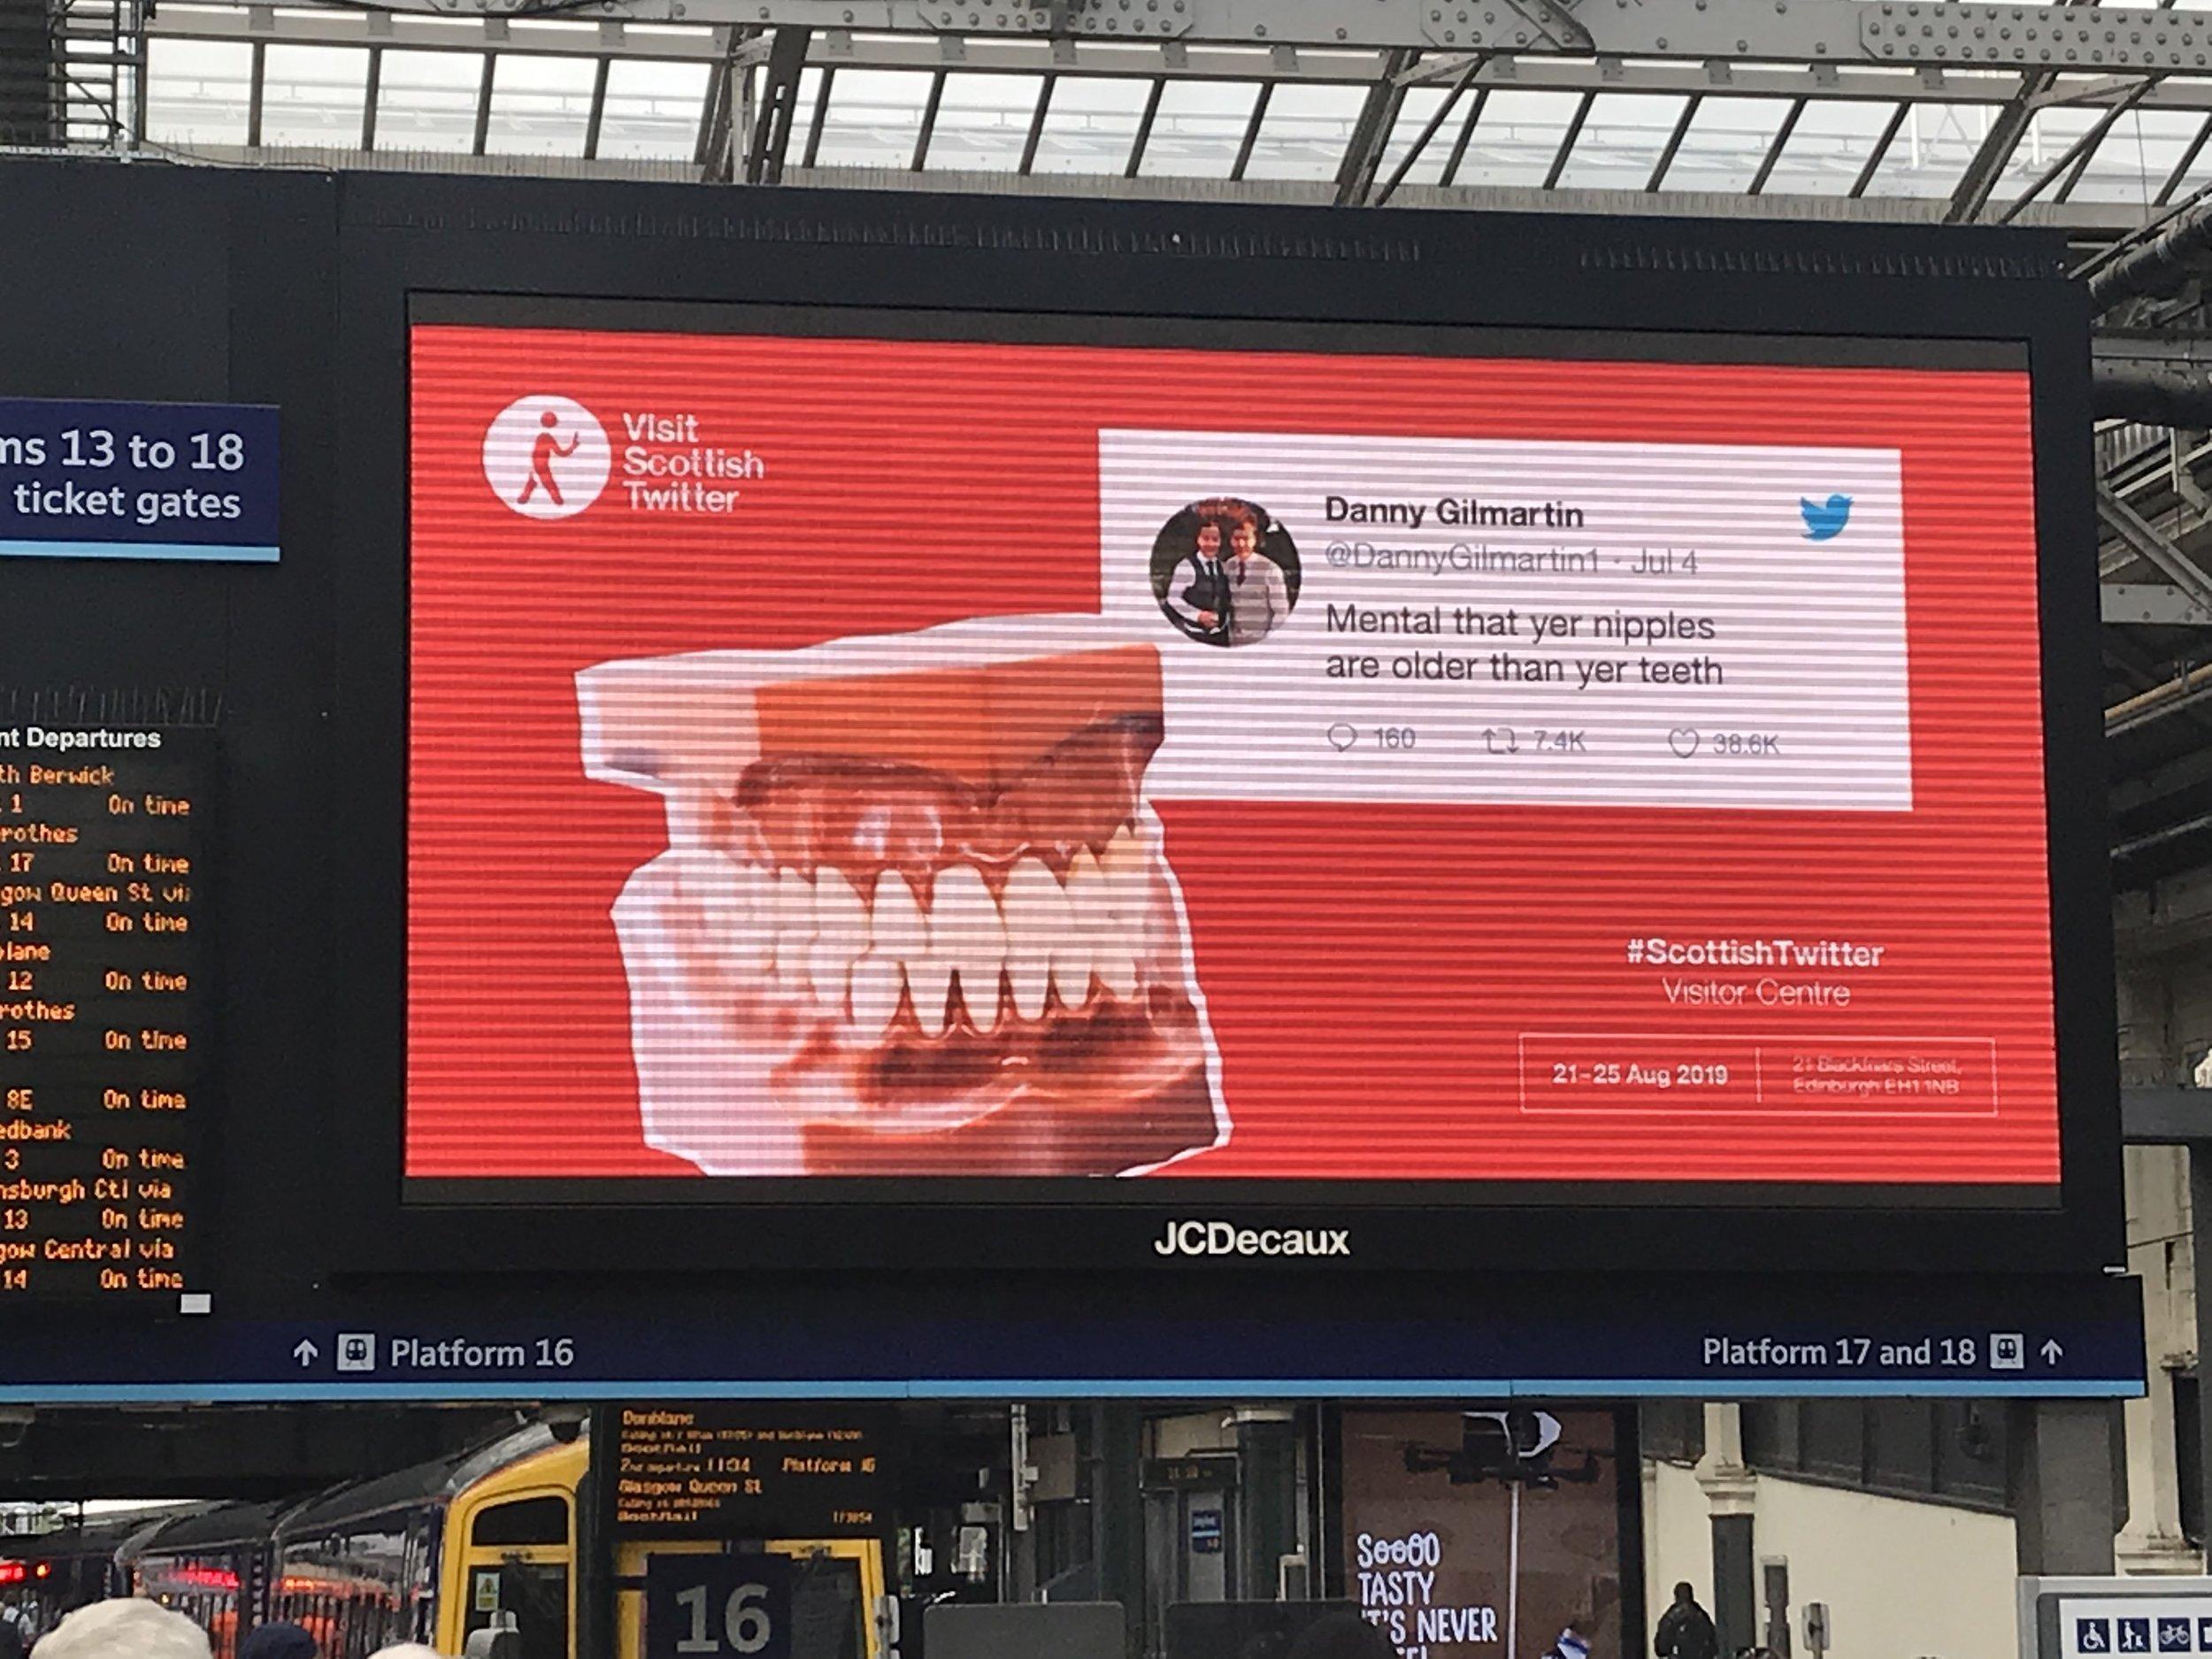 WaverleyStation_billboard